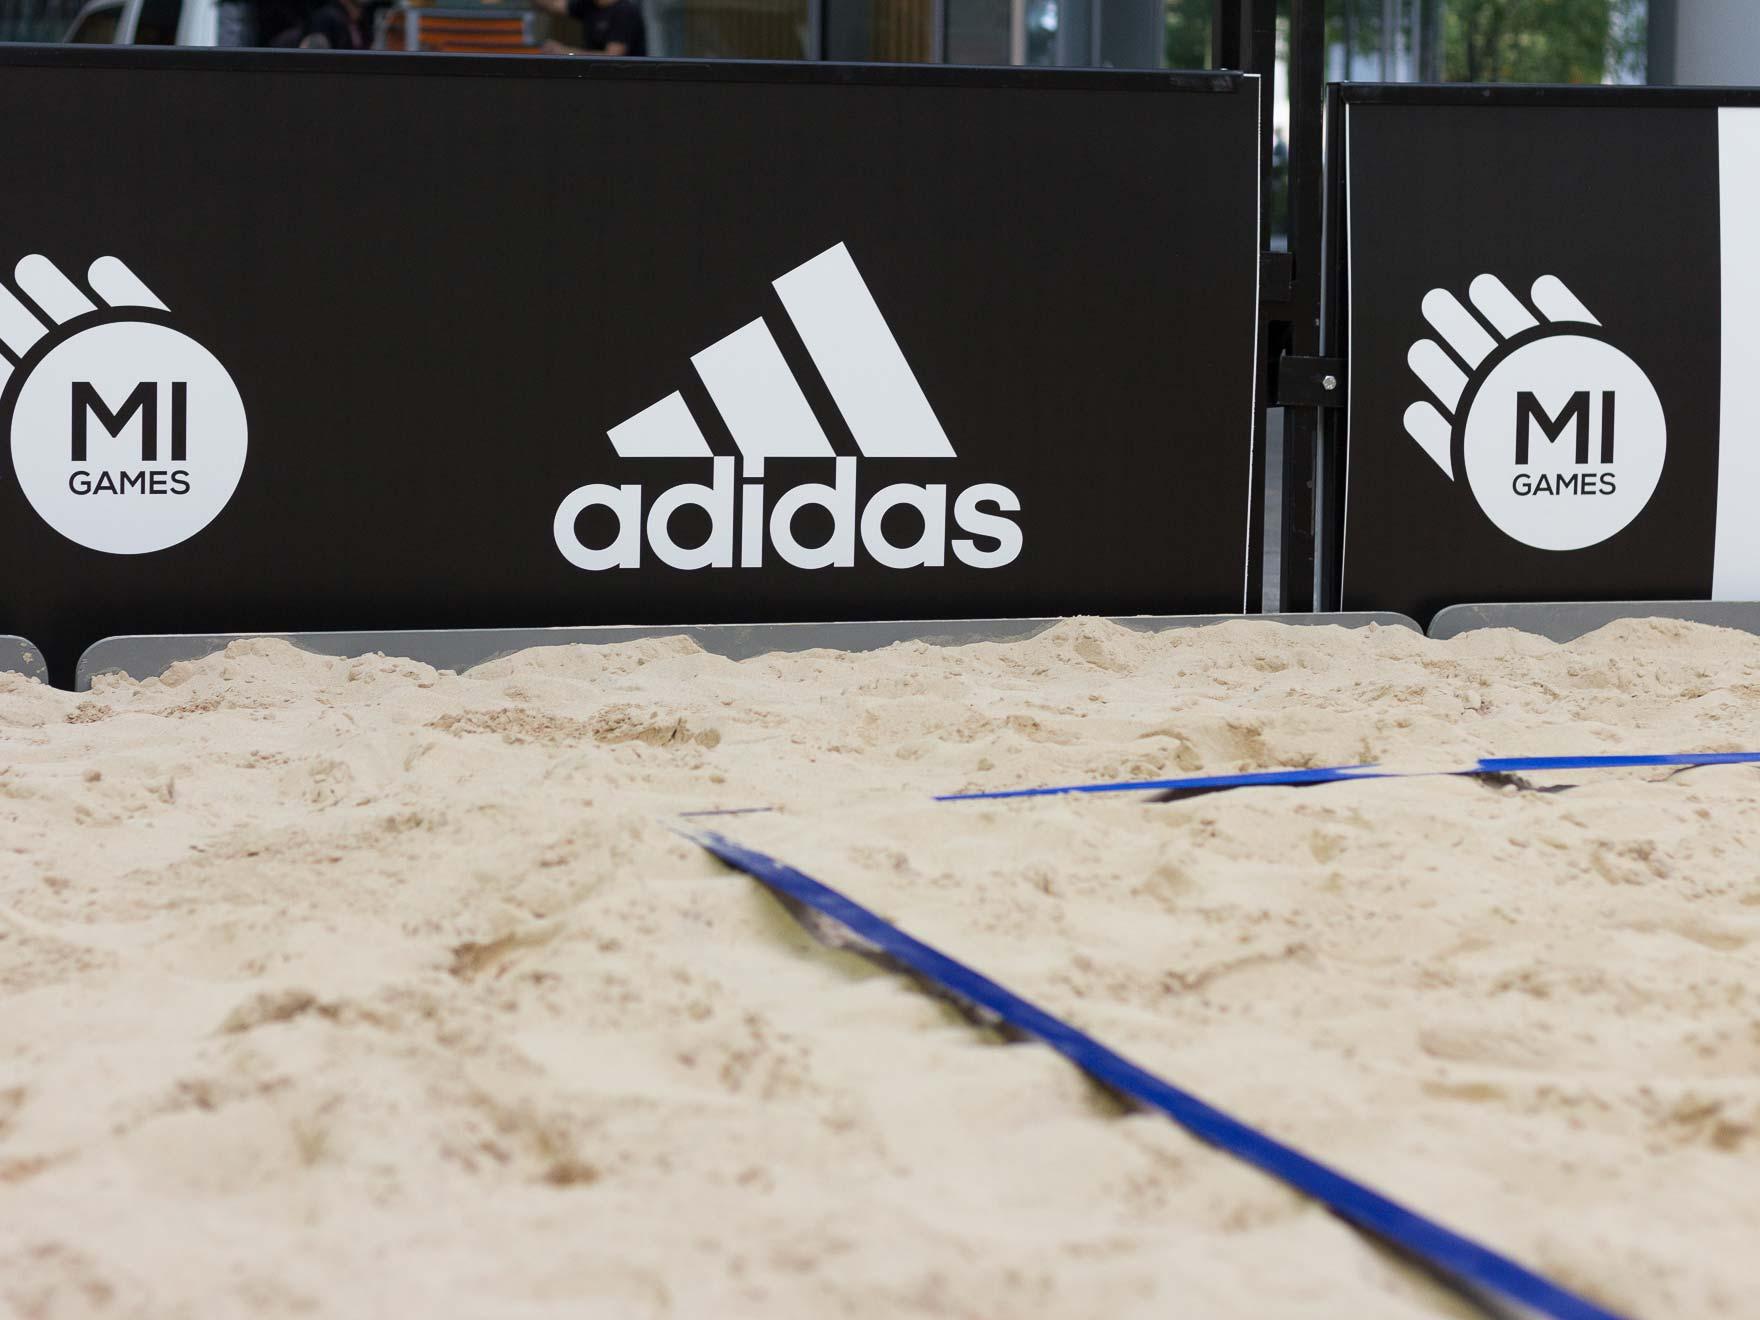 Linee beach volley - Noleggicoampi.it